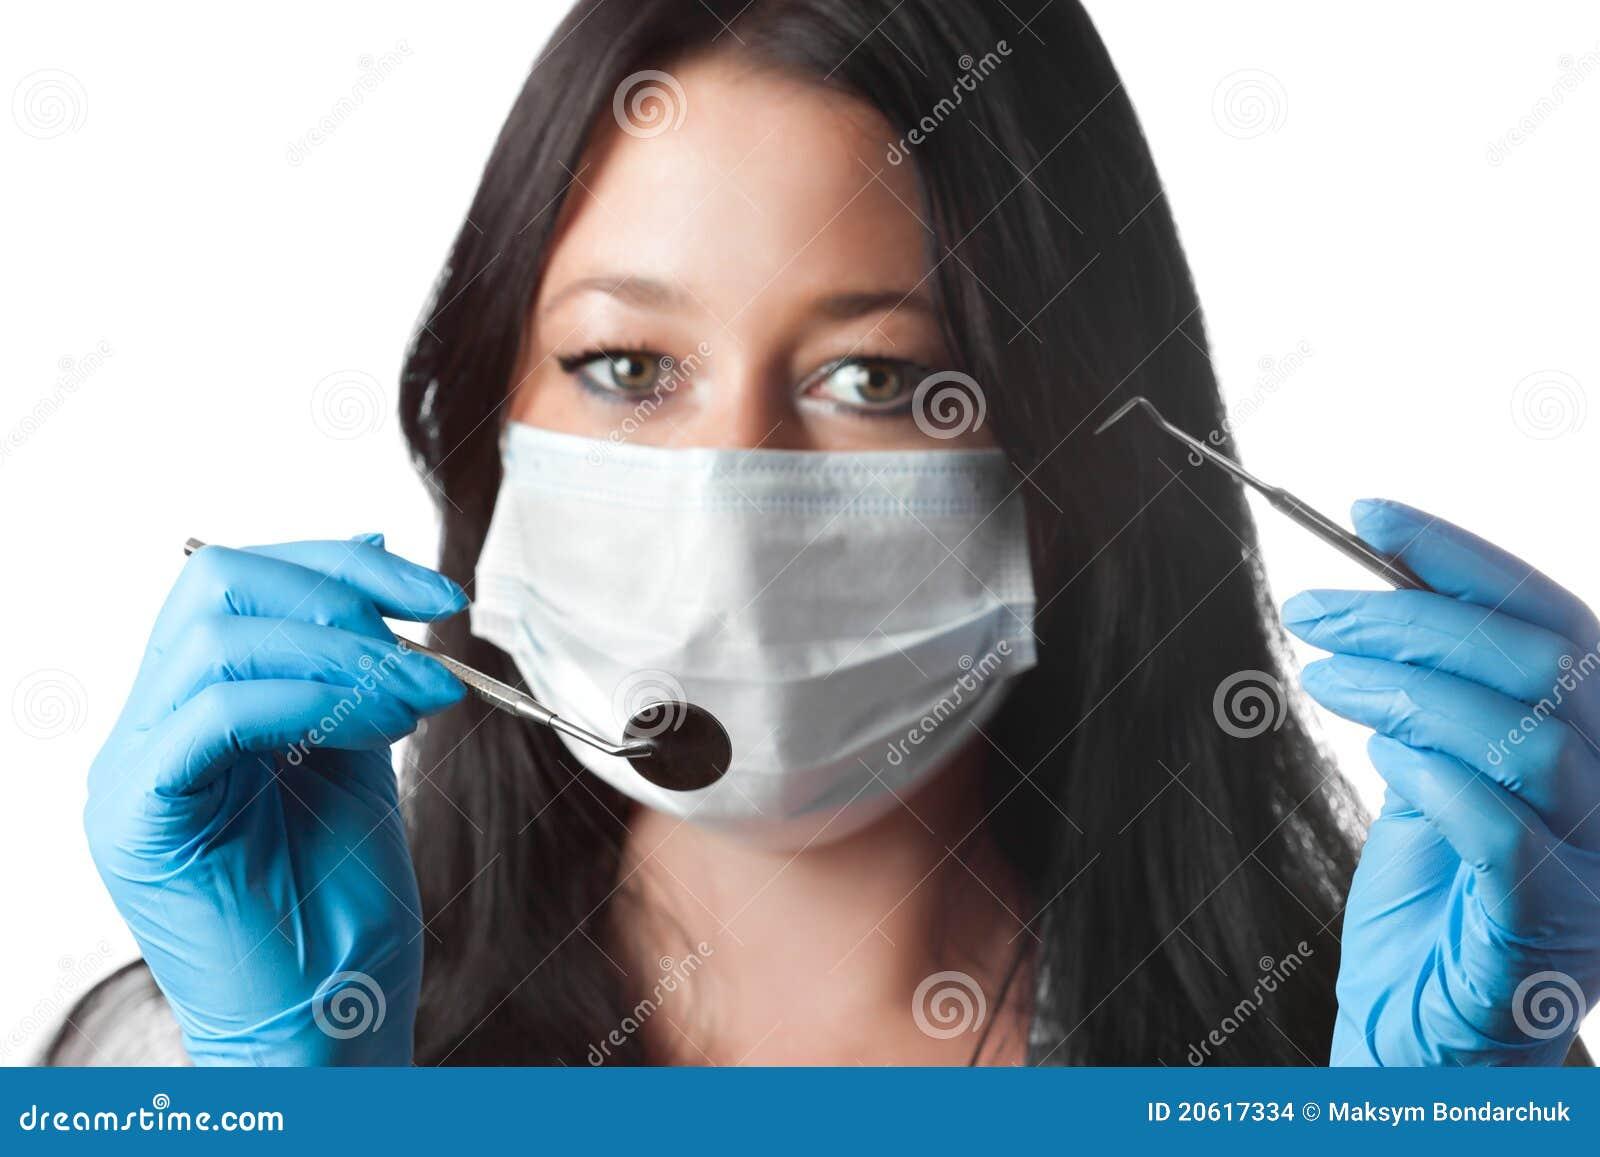 Фото девушек в повязках на рот